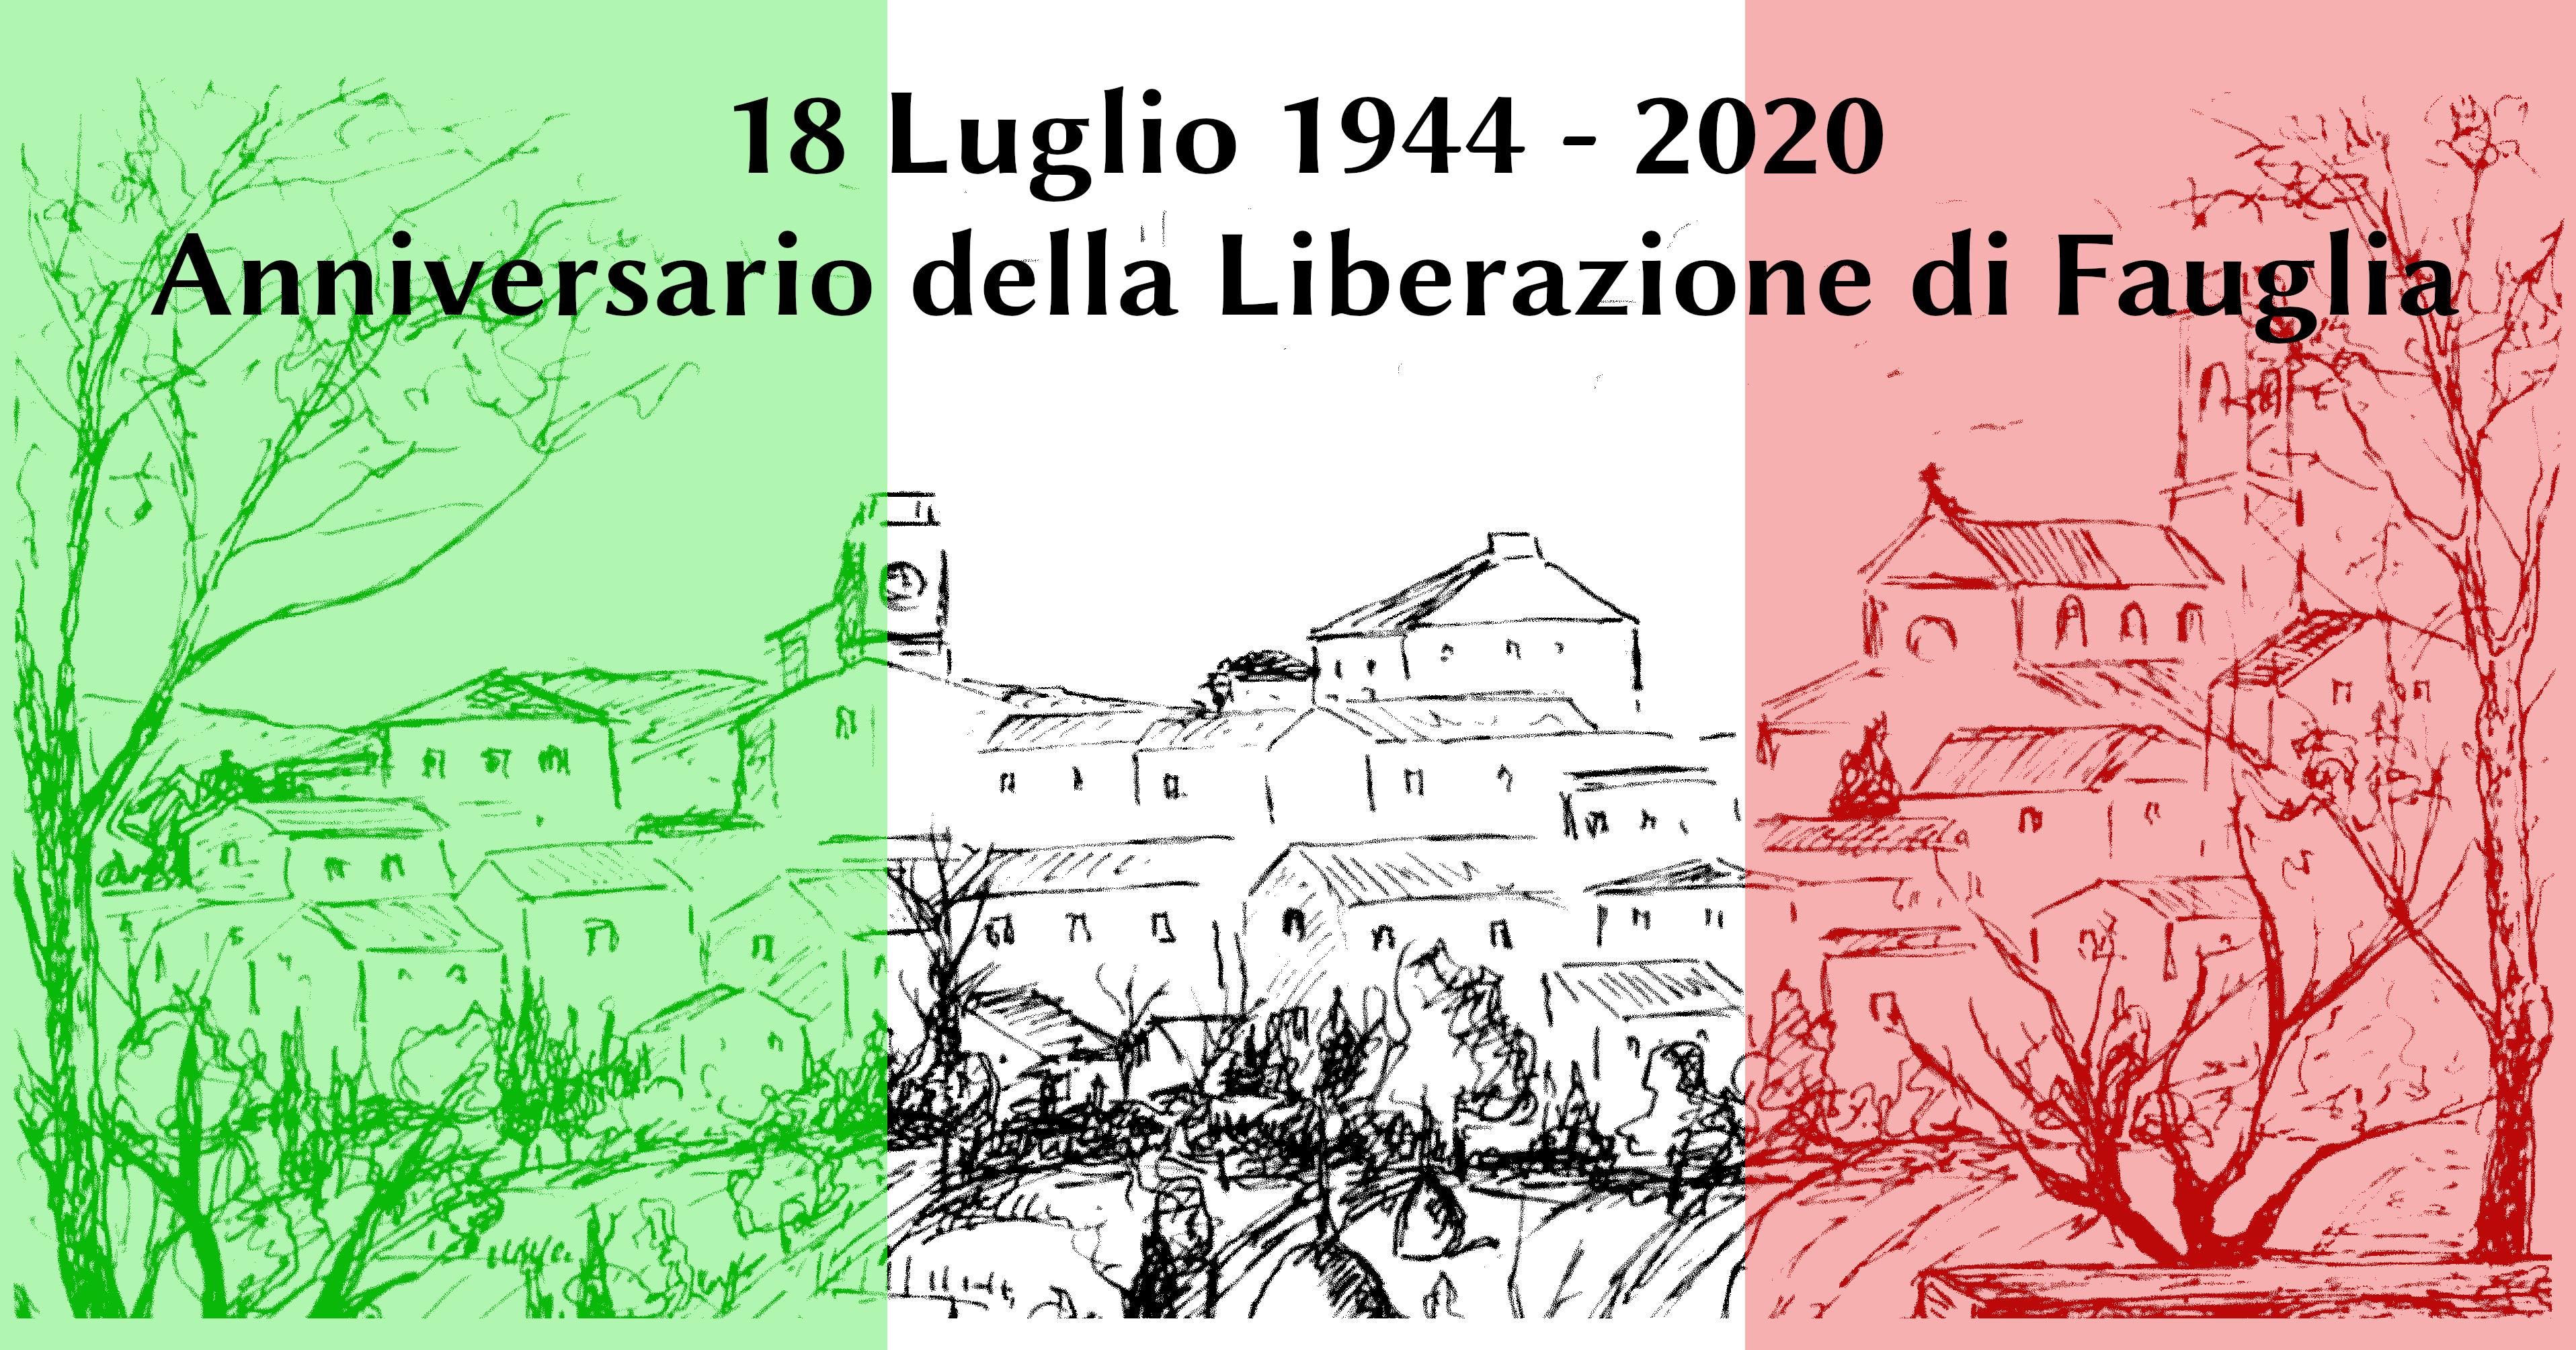 18 LUGLIO 1944 - 18 LUGLIO 2020. ANNIVERSARIO DELLA LIBERAZIONE DI FAUGLIA